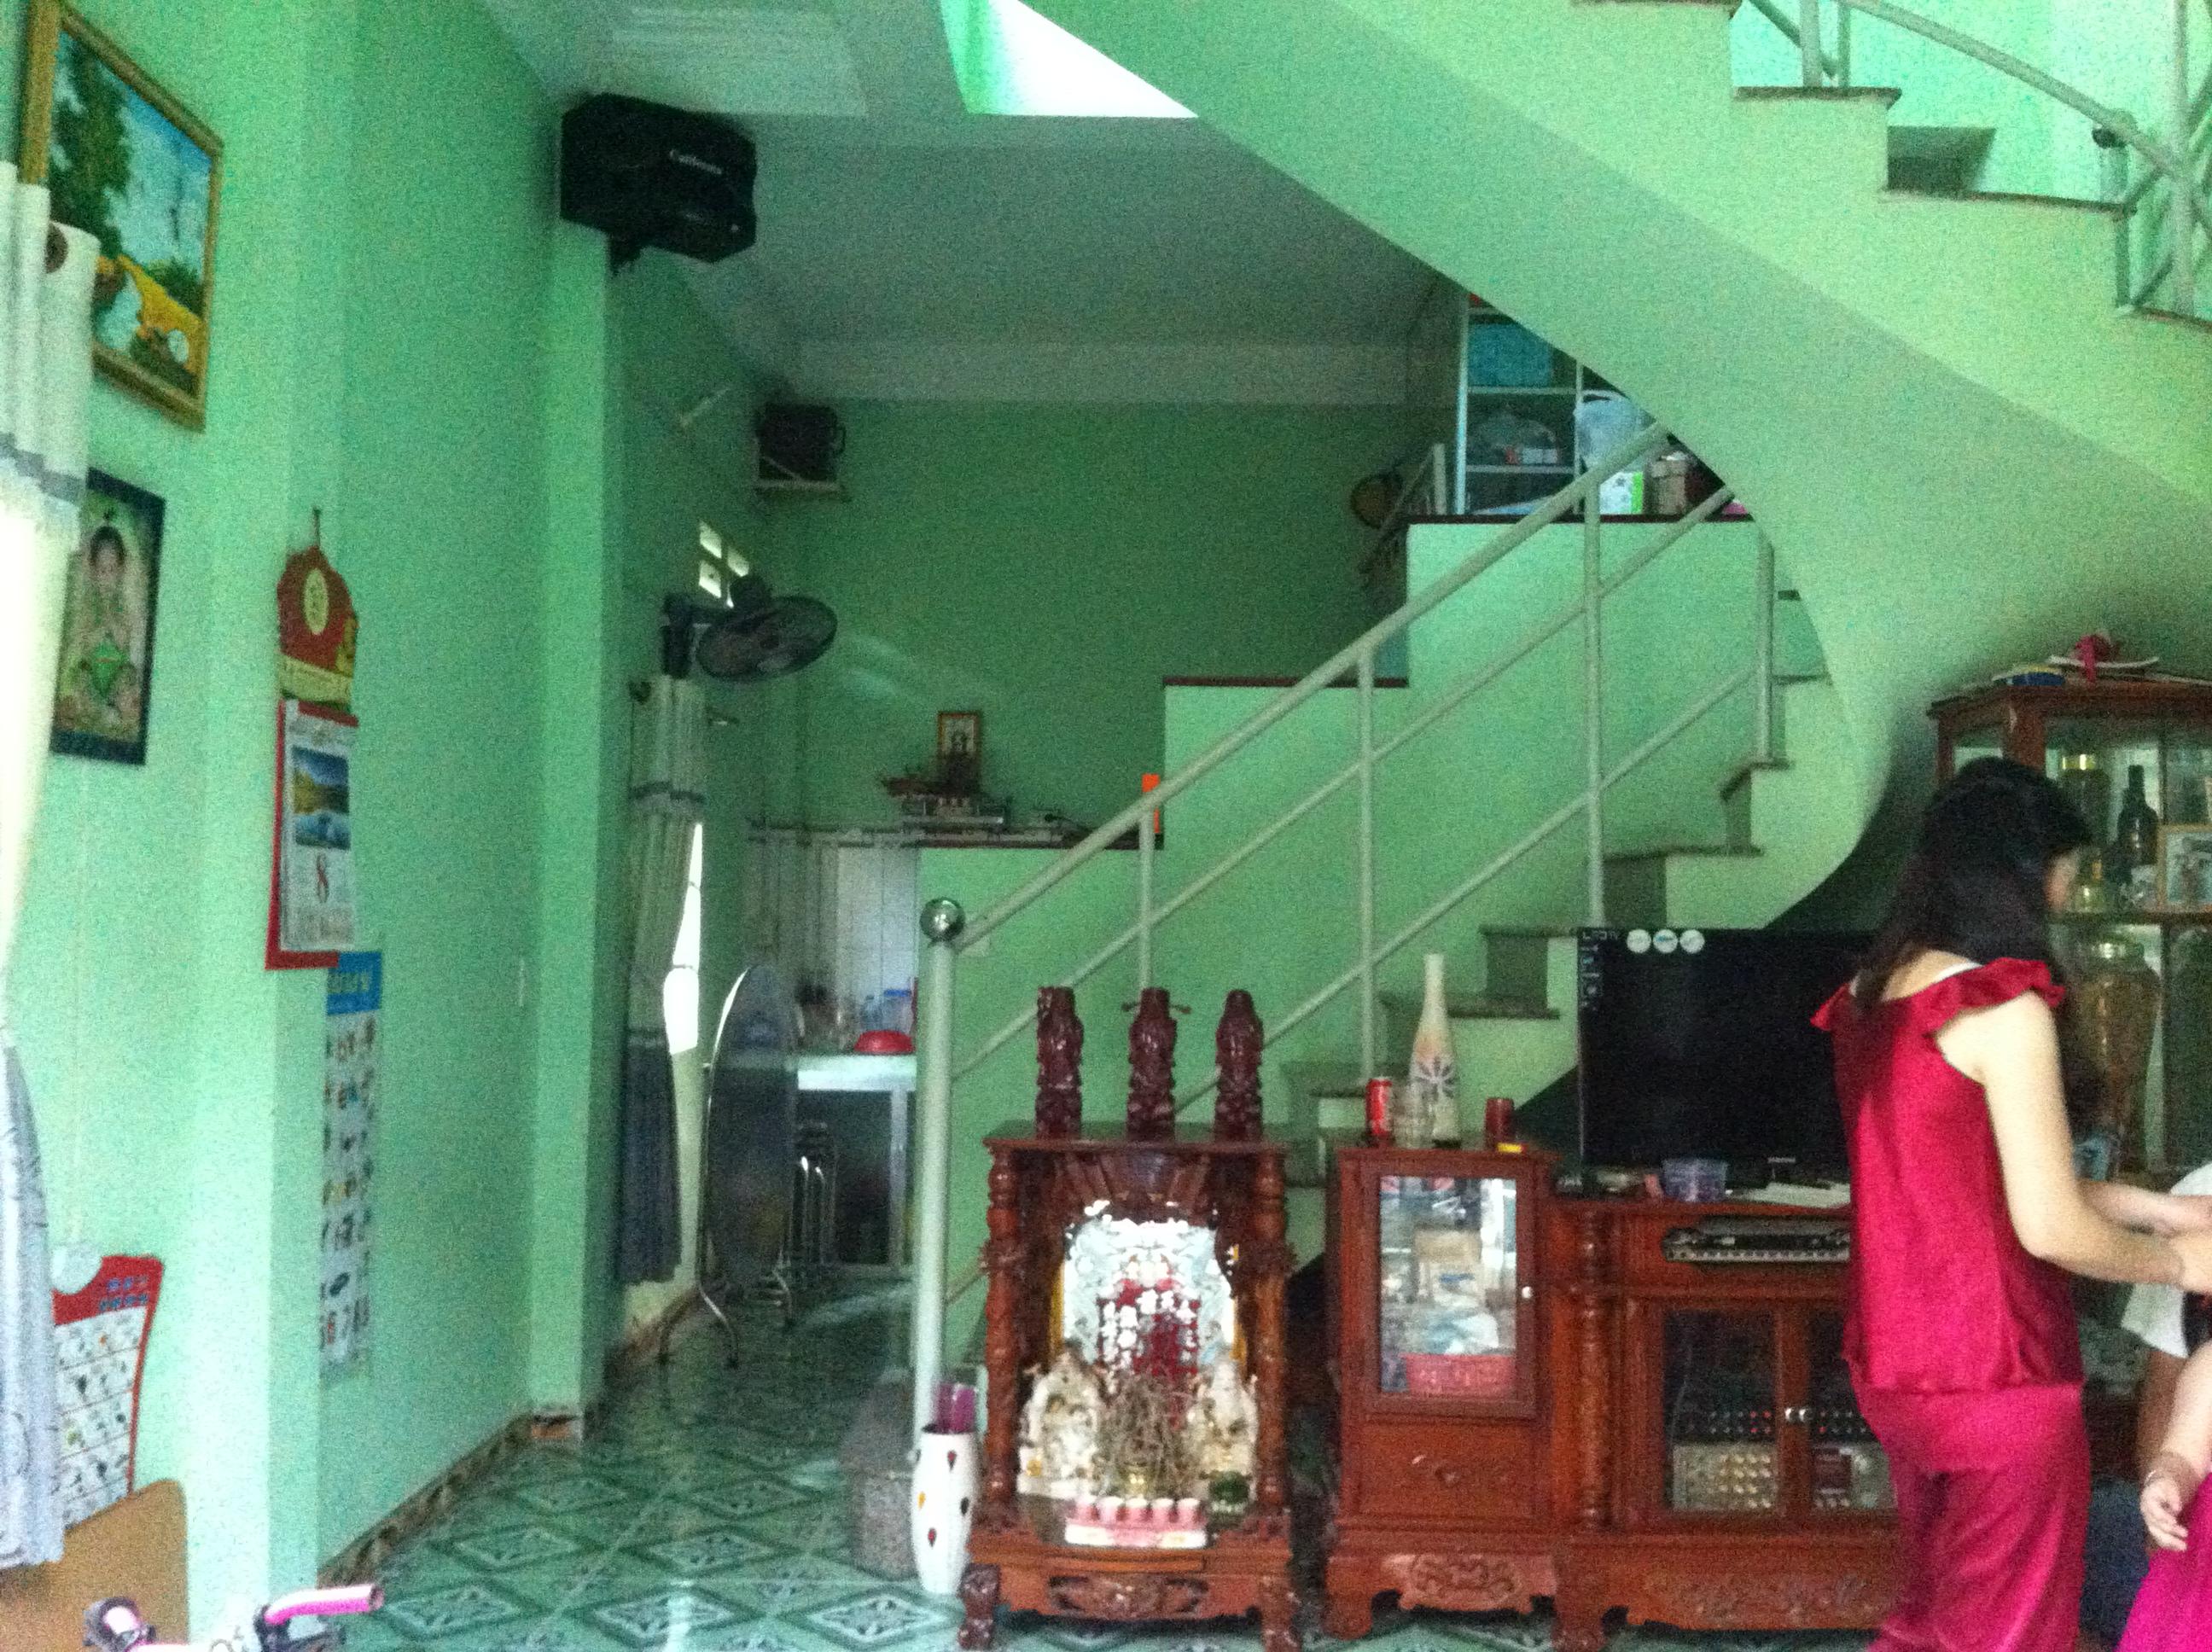 Bên trong căn nhà khu dân cư trung tâm hành chính dĩ an, nhà có 2 phòng trọ